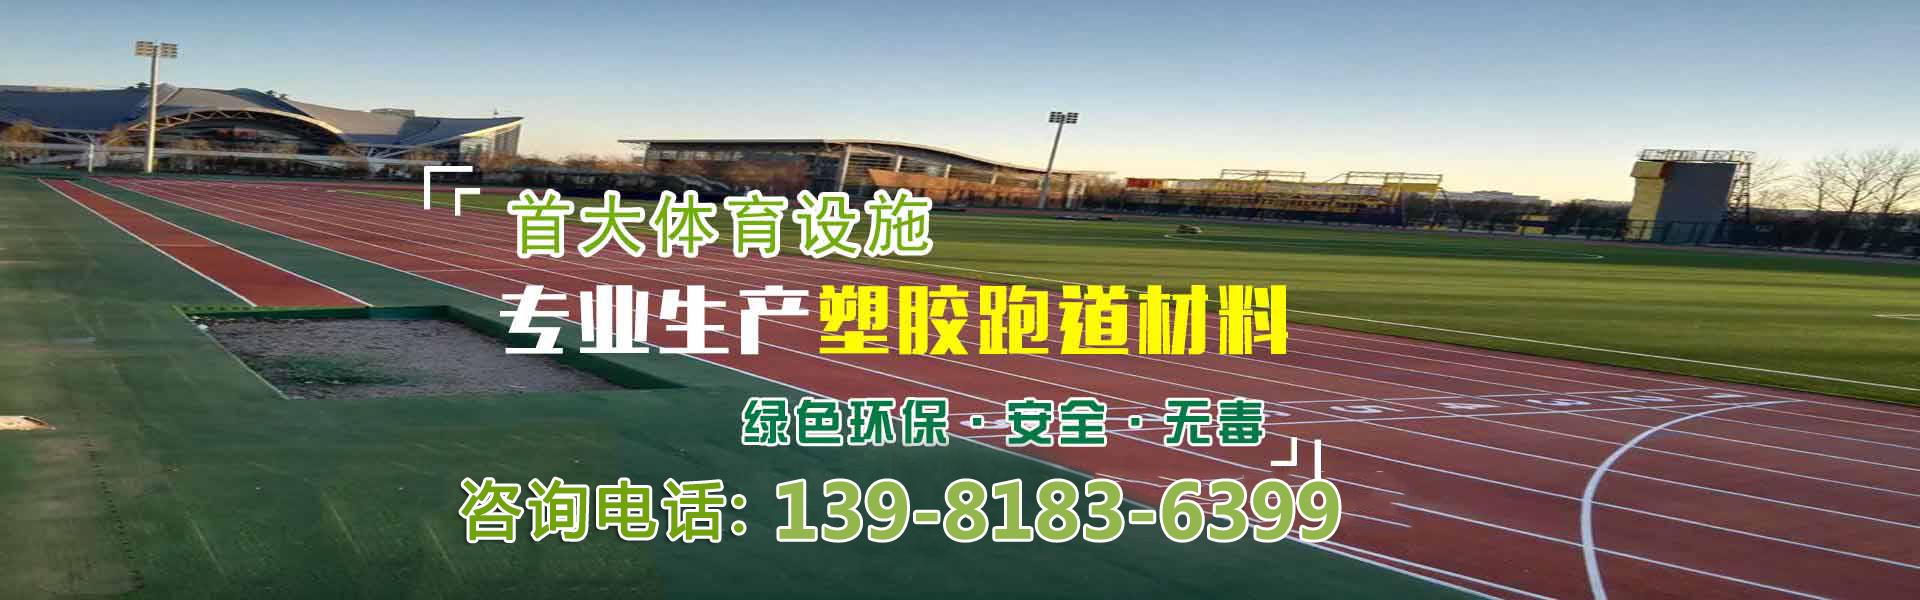 首大体育设施专业生产:lehu6材料,绿色环保、安全、五毒。